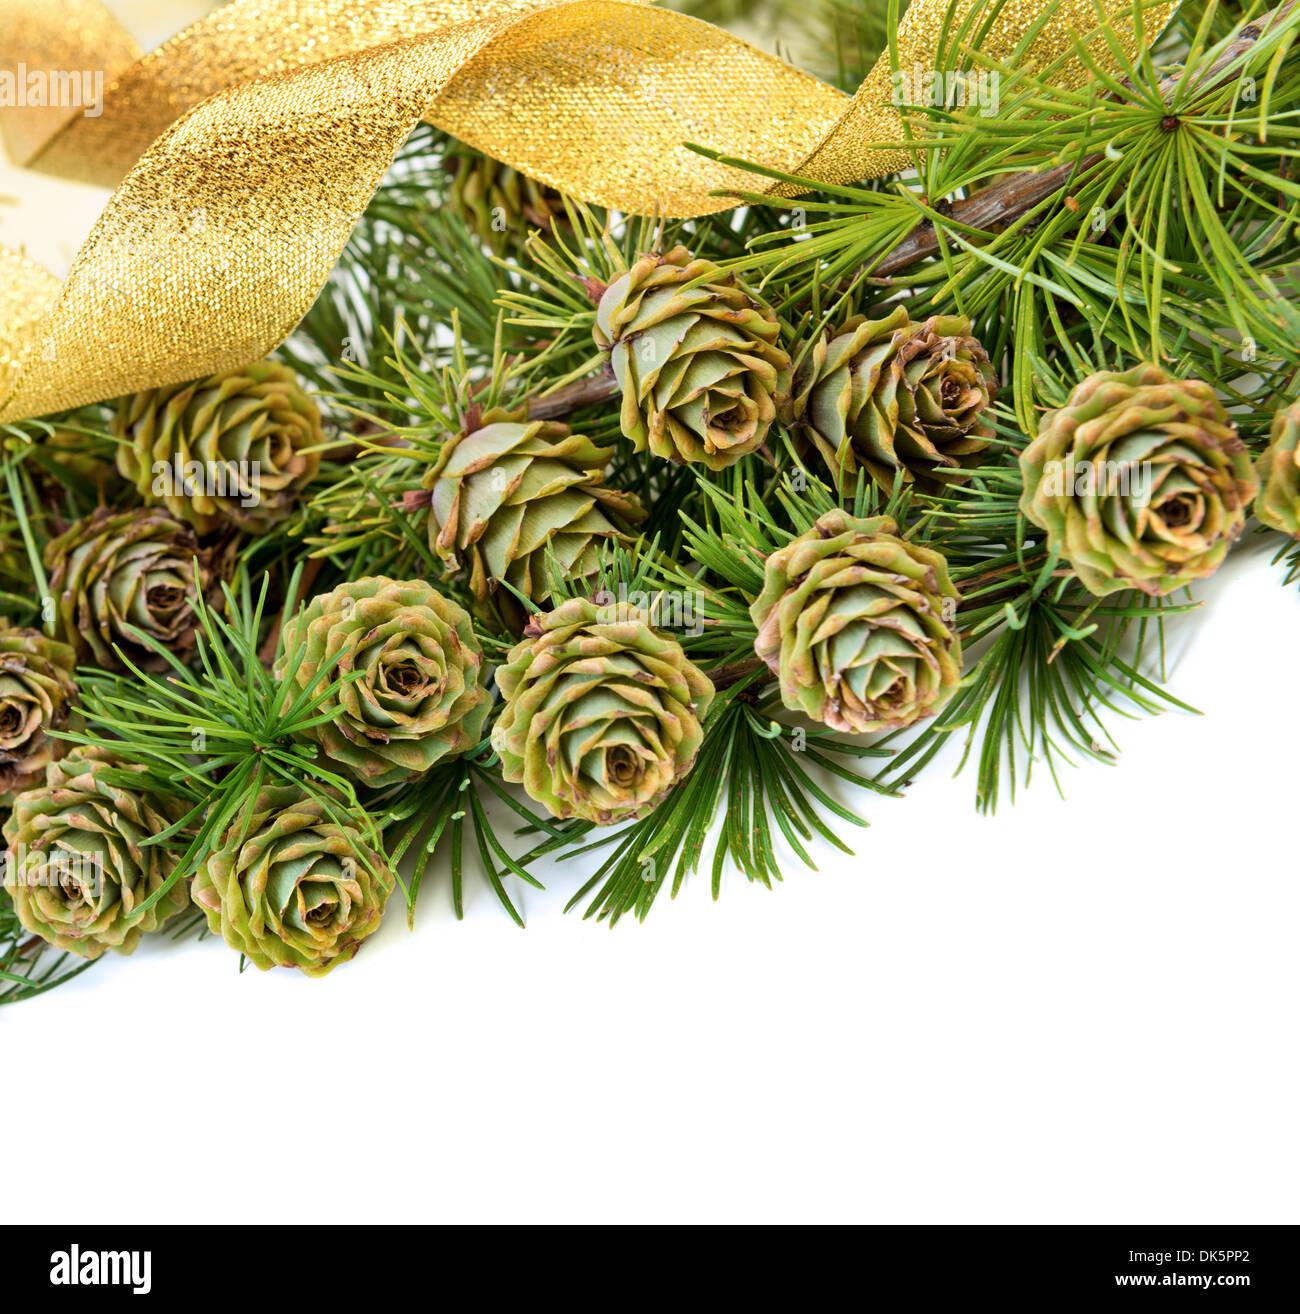 Zapfen, immergrüner Baum Ast auf weißem Hintergrund mit Textfreiraum Stockbild